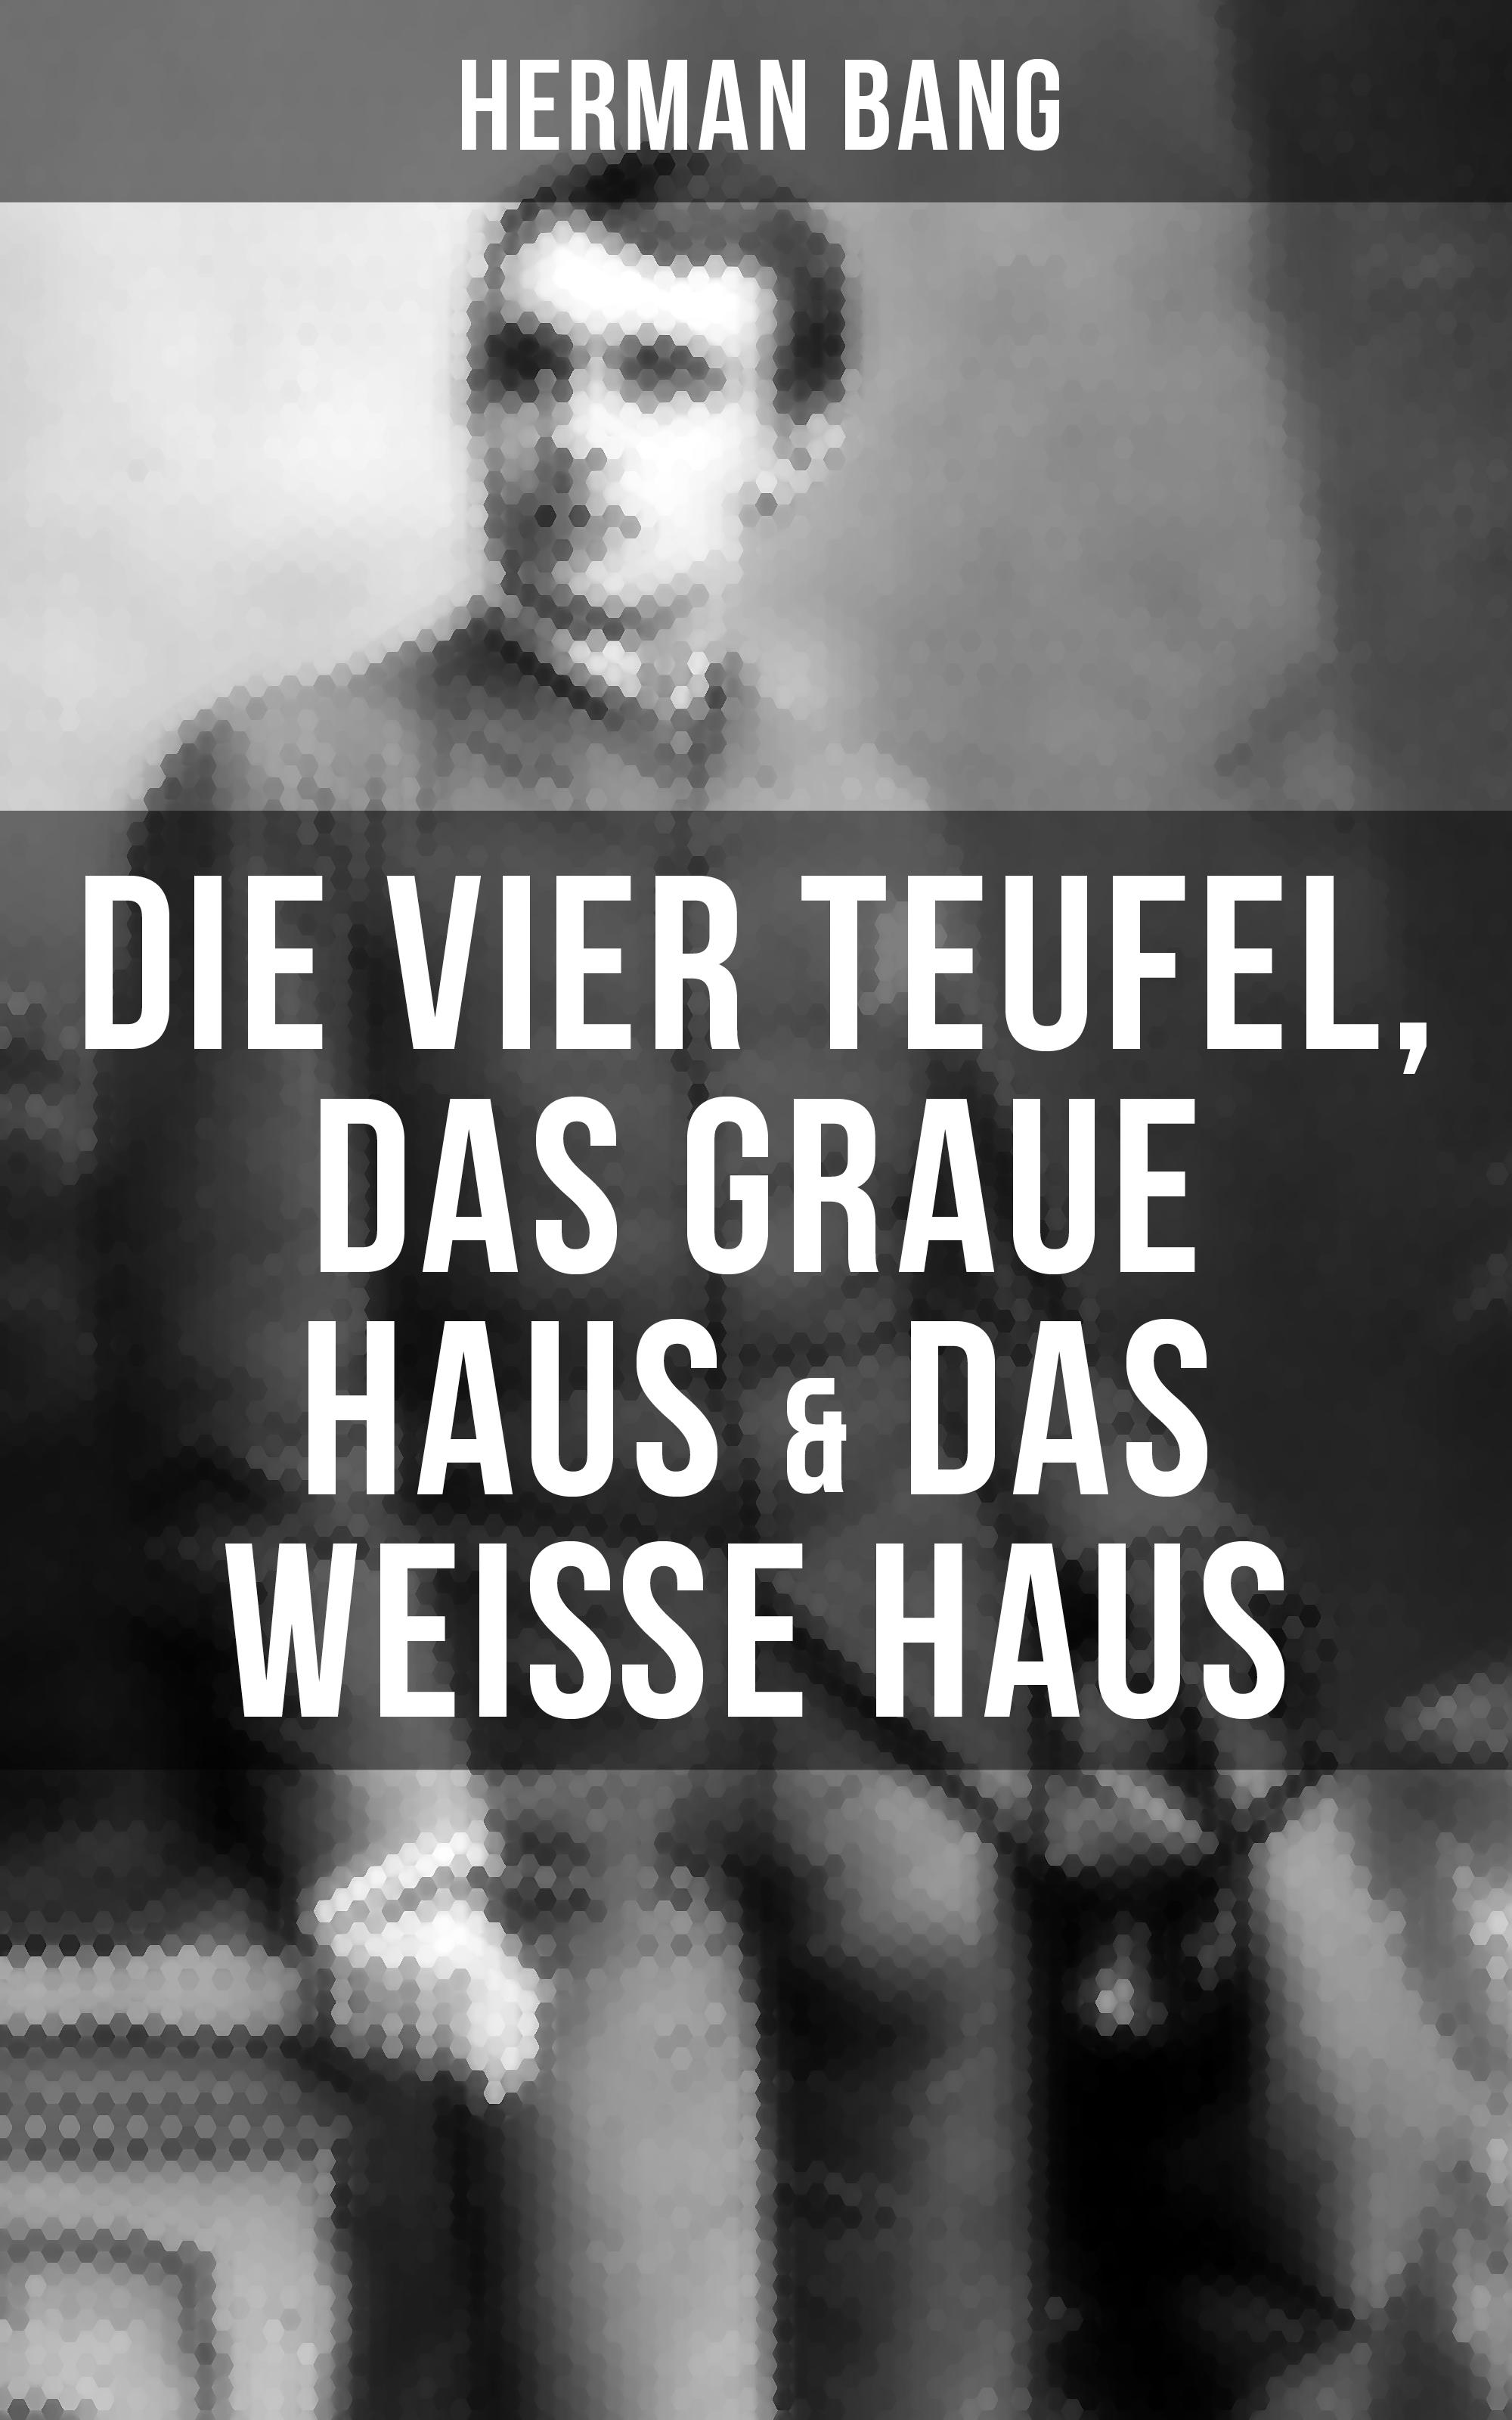 цена на Herman Bang Herman Bang: Die vier Teufel, Das graue Haus & Das weiße Haus